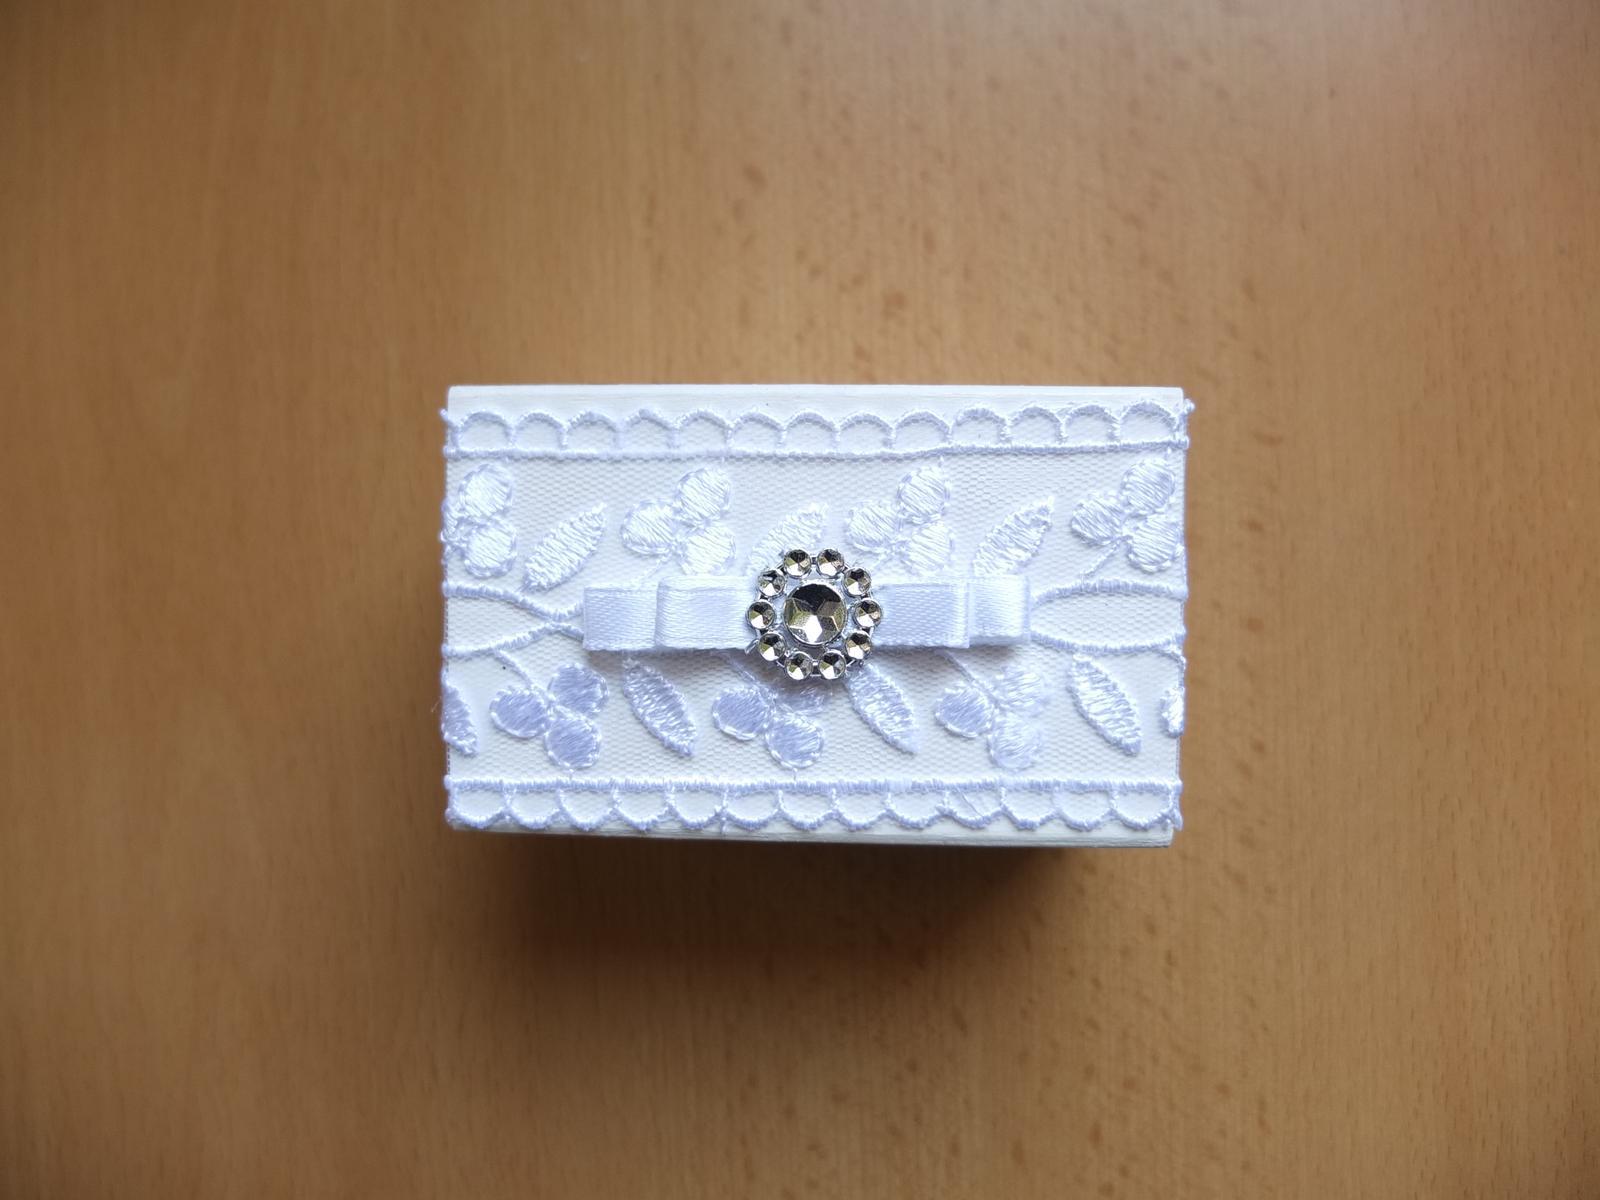 ♥ Prípravy v plnom prúde ♥ - Krabičky na prstene ... handmade by mamina